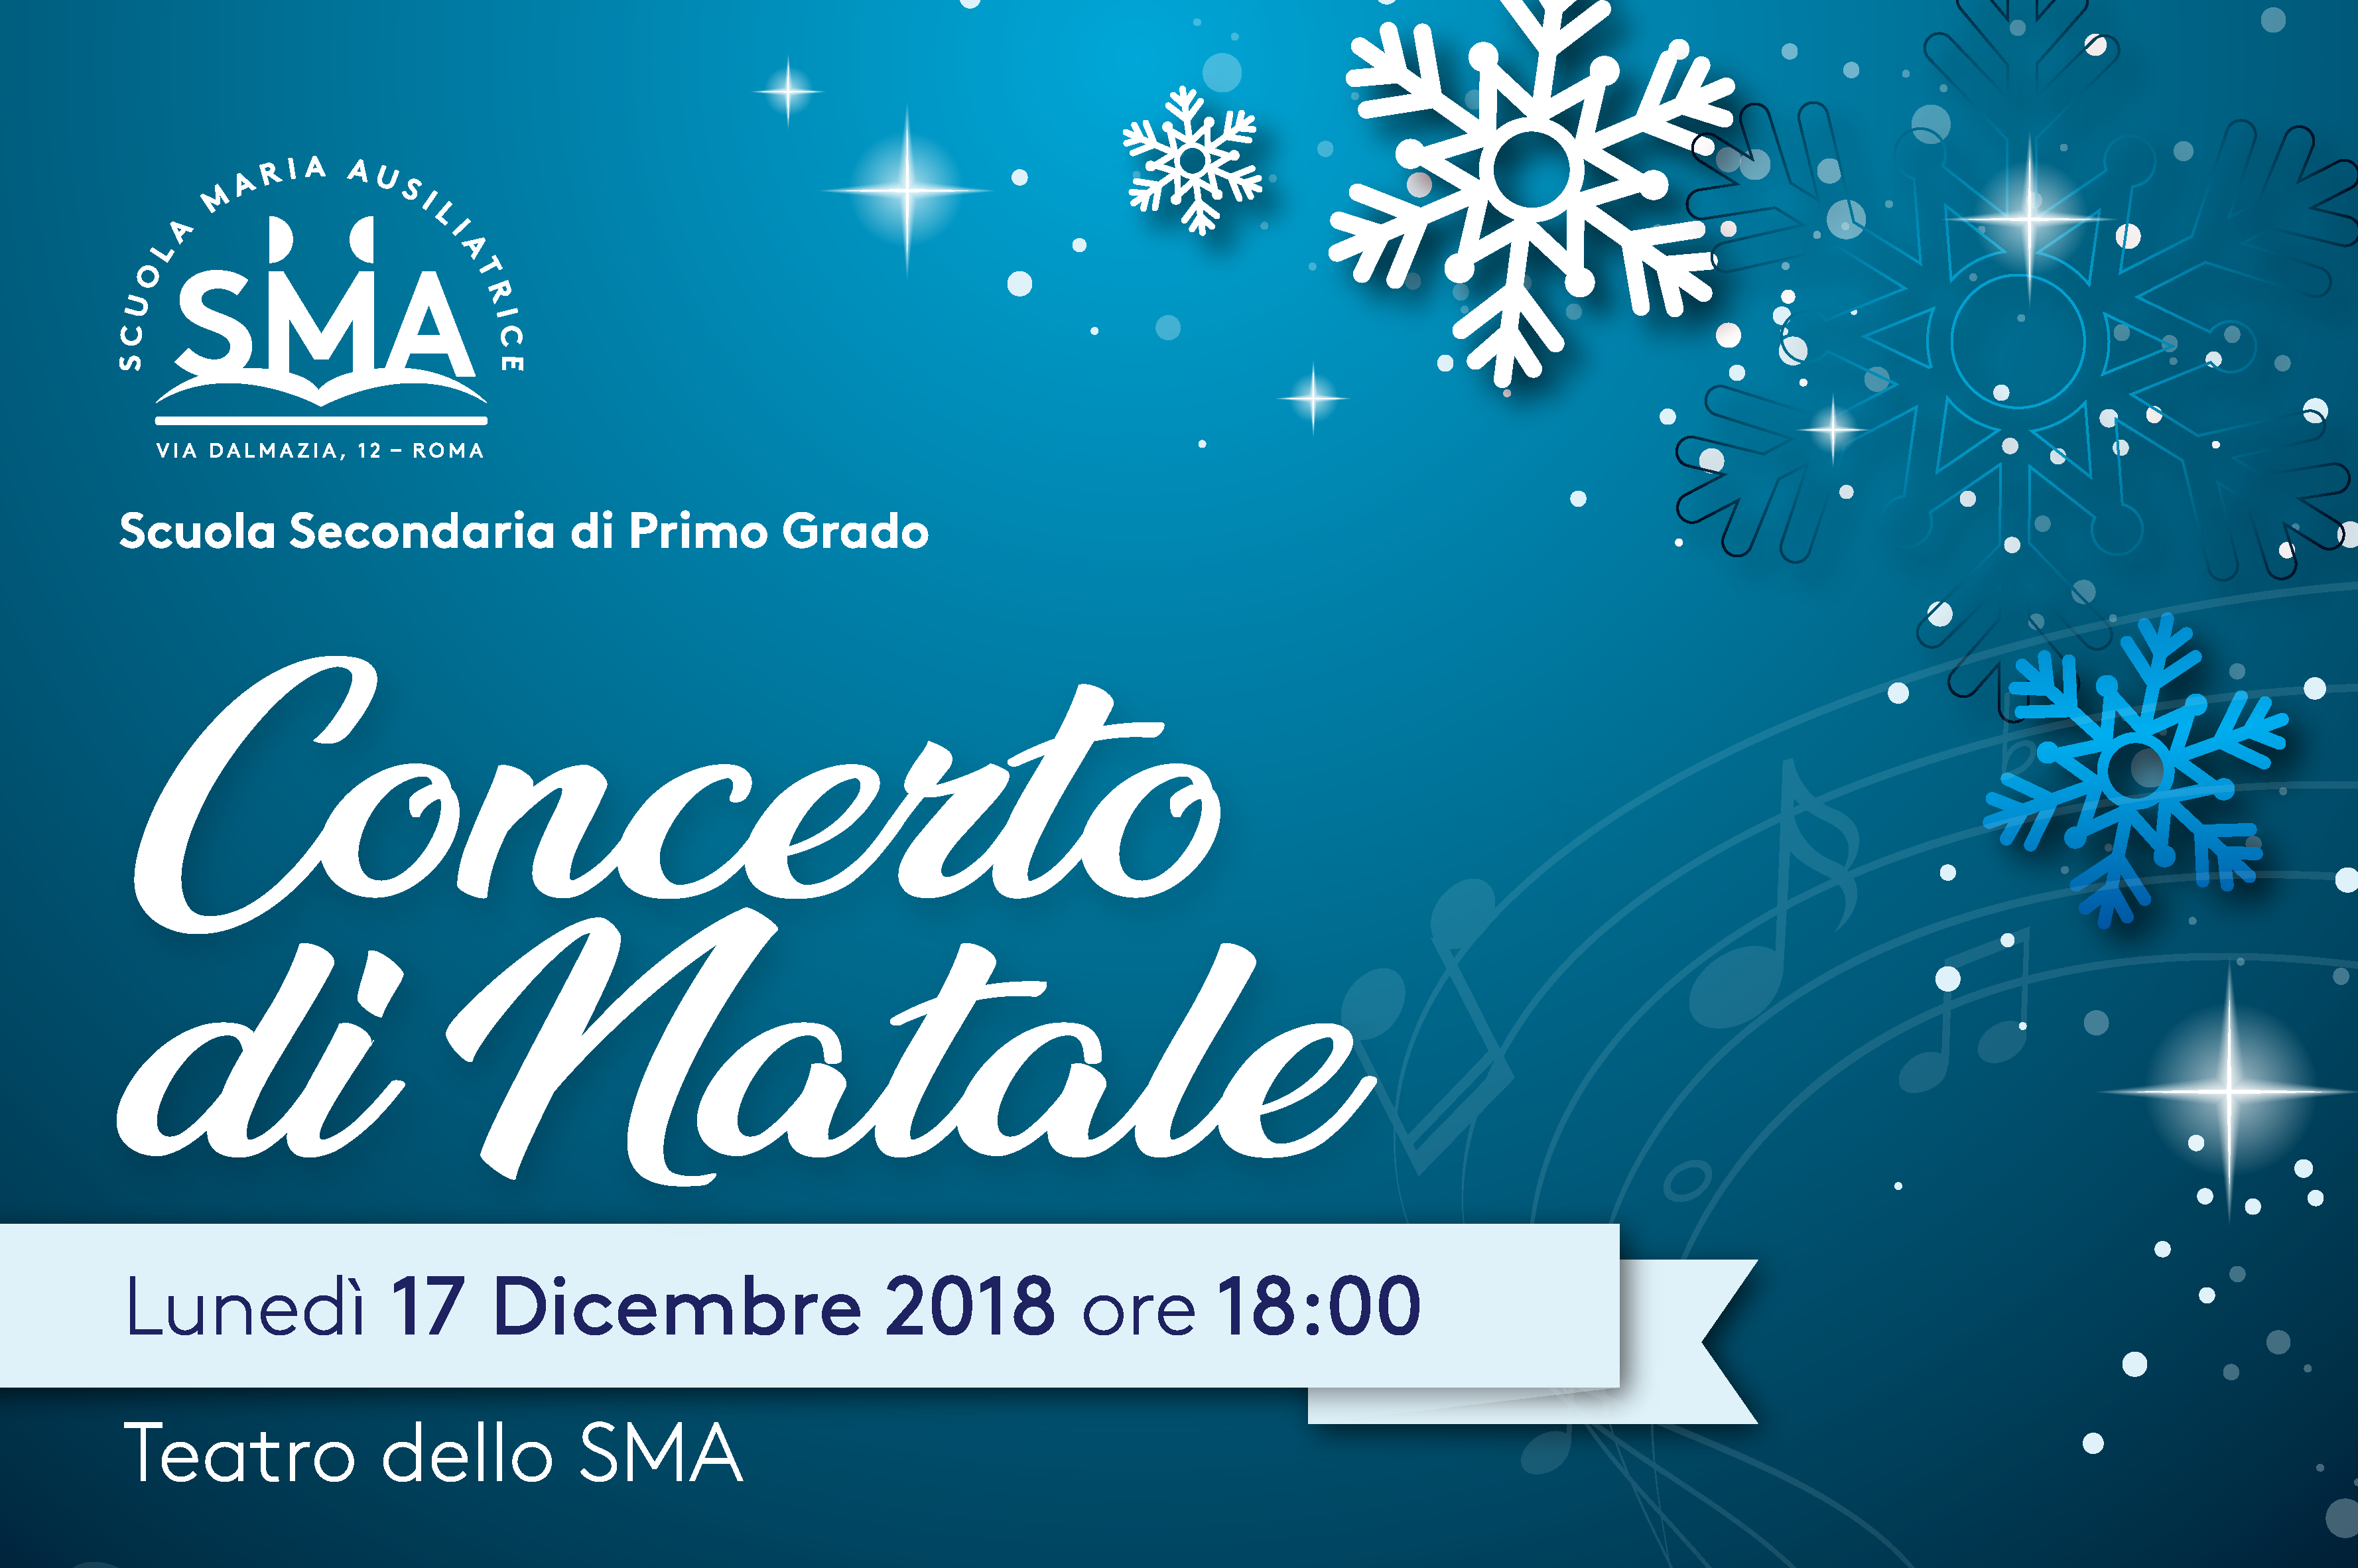 Concerto Di Natale.Concerto Di Natale 2018 Scuola Maria Ausiliatrice Roma